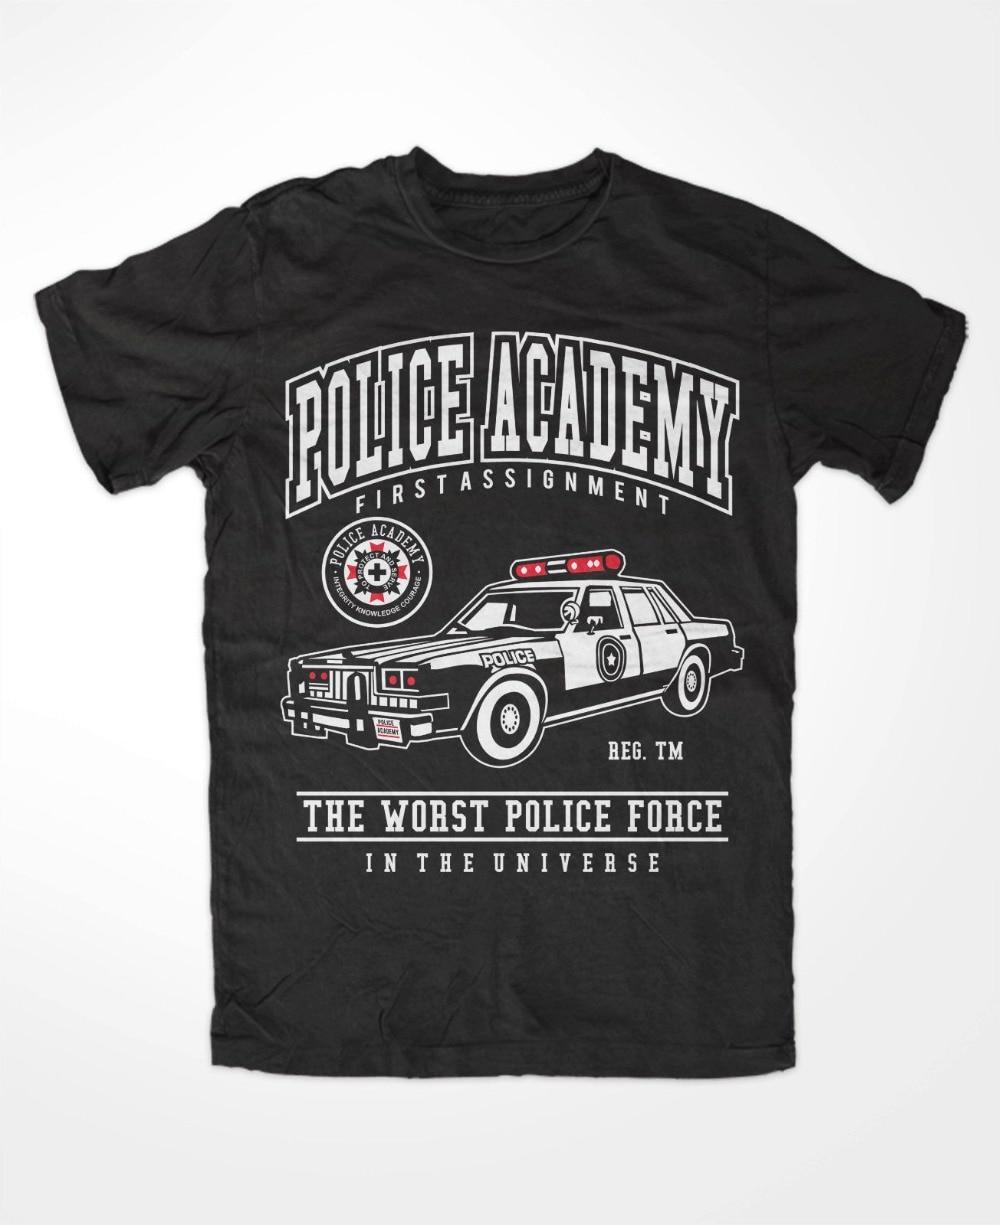 ¡Novedad de 2019! Camiseta divertida de academia de policía prémium para hombres, años 80, Lassard, Retro,Cop, comedia, película, Hightower